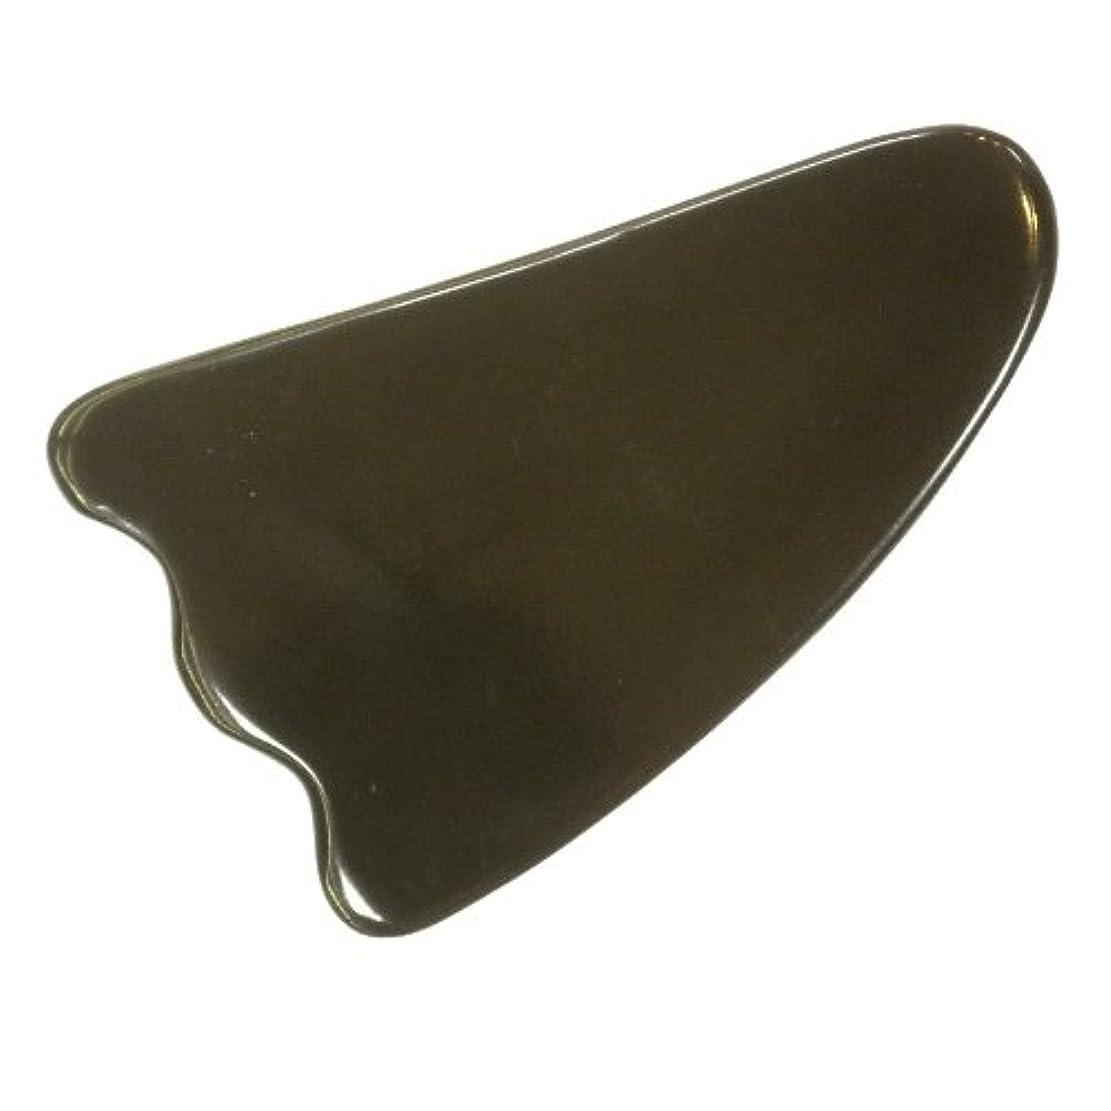 金銭的な実験蚊かっさ プレート 厚さが選べる 水牛の角(黒水牛角) EHE213SP 羽根型 特級品 厚め(7ミリ程度)